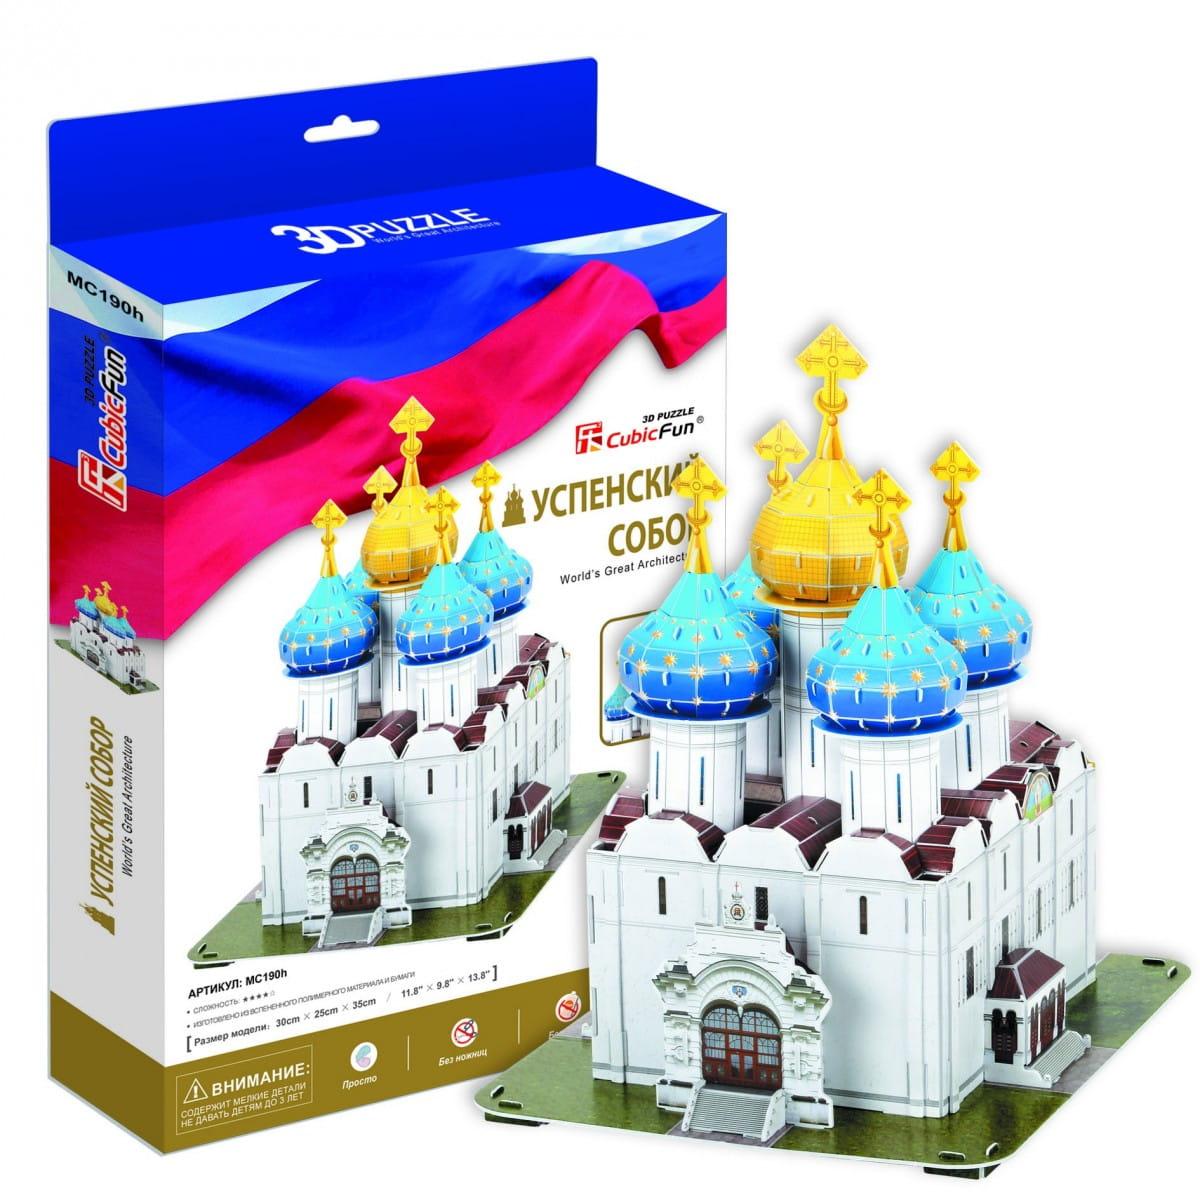 Объемный 3D пазл CubicFun MC190h Успенский собор - Троице-Сергиева Лавра (Россия)